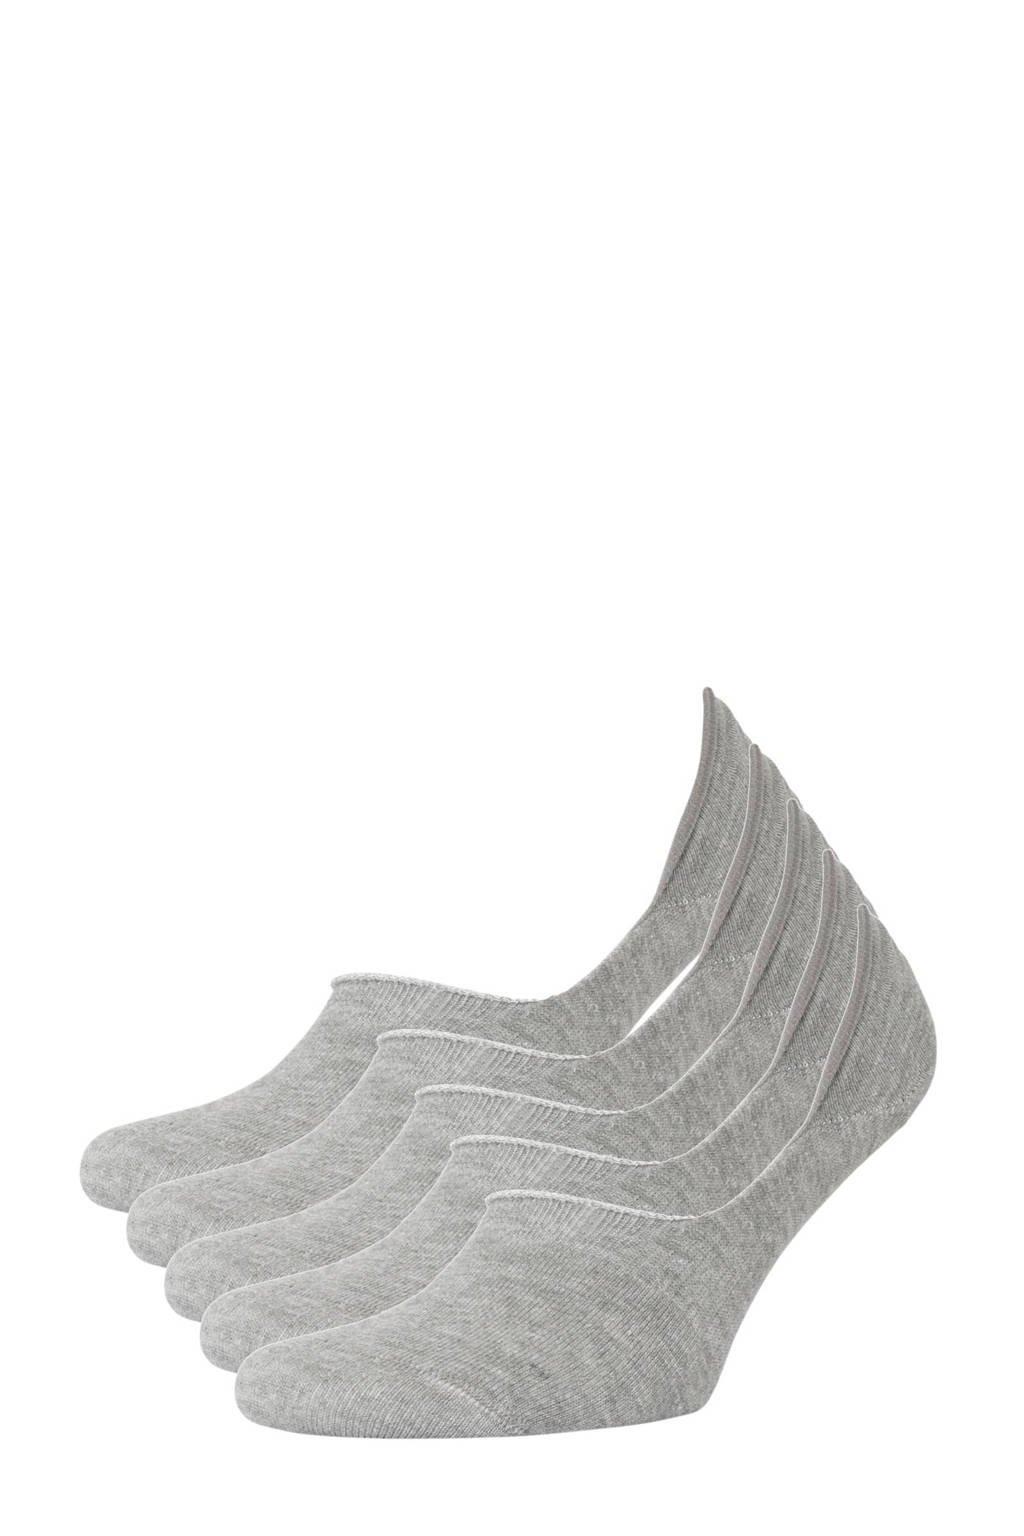 whkmp's own no-show sneakersokken - set van 5 grijs, Grijs melange